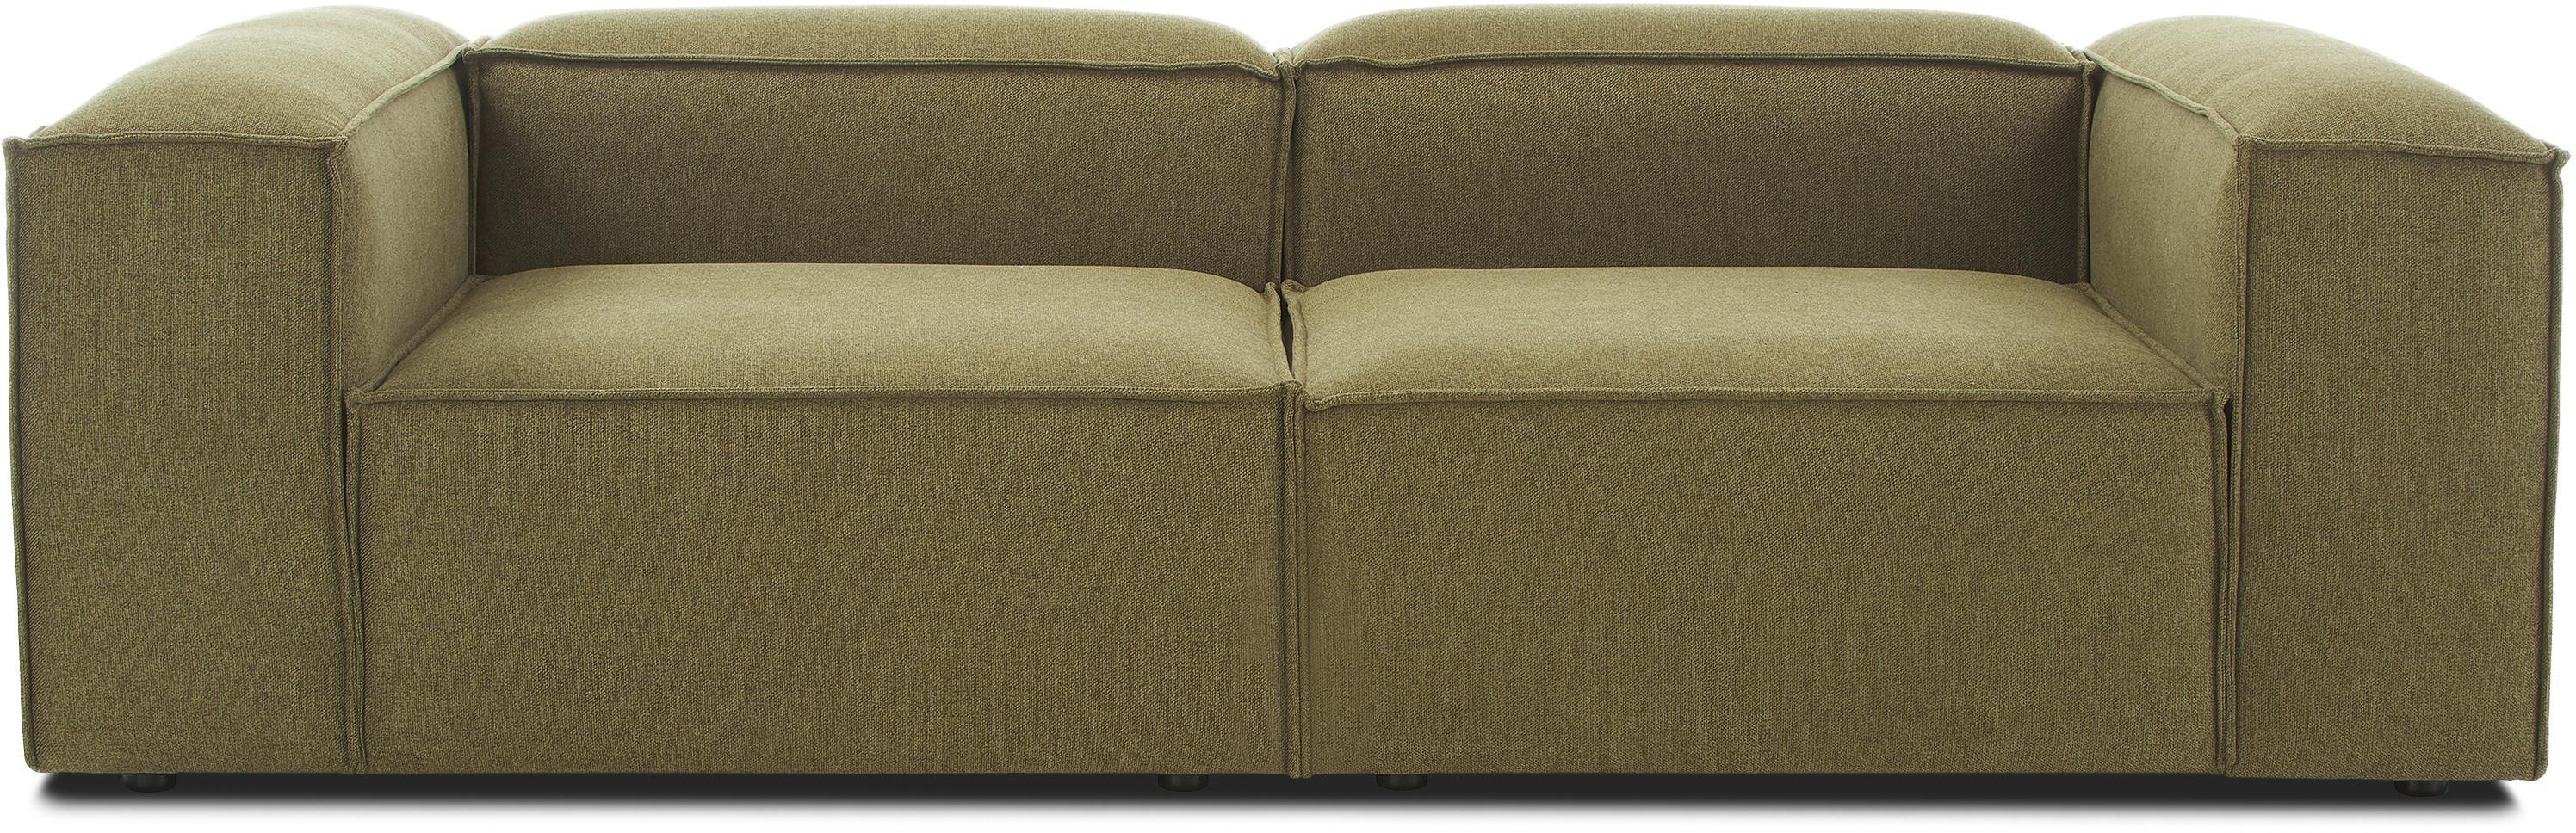 Modulaire bank Lennon (3-zits), Bekleding: 100% polyester, Frame: massief grenenhout, multi, Poten: kunststof, Geweven stof groen, B 238 x D 119 cm